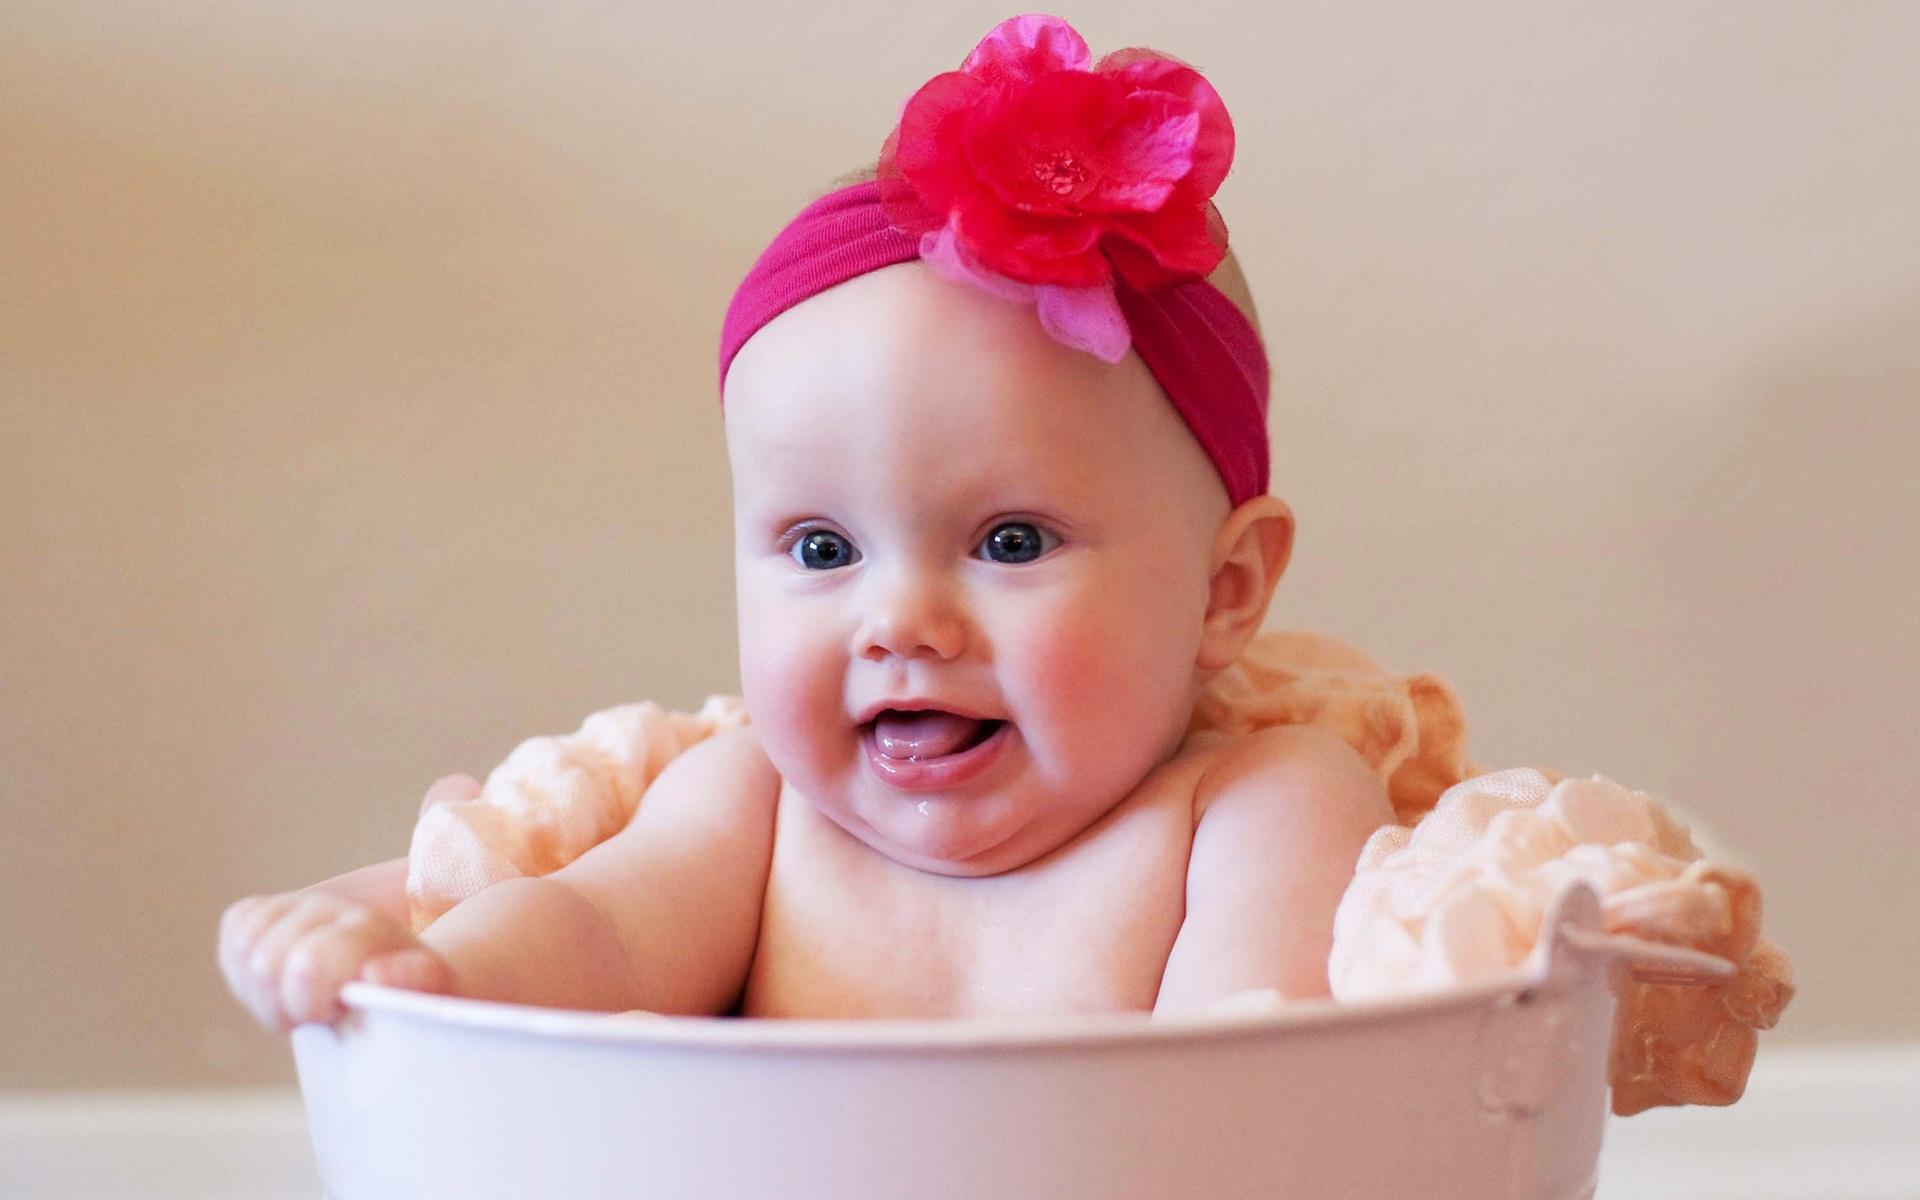 Wallpaper download baby - Cute Baby Girl Desktop Wallpapers Hd Wallpaper